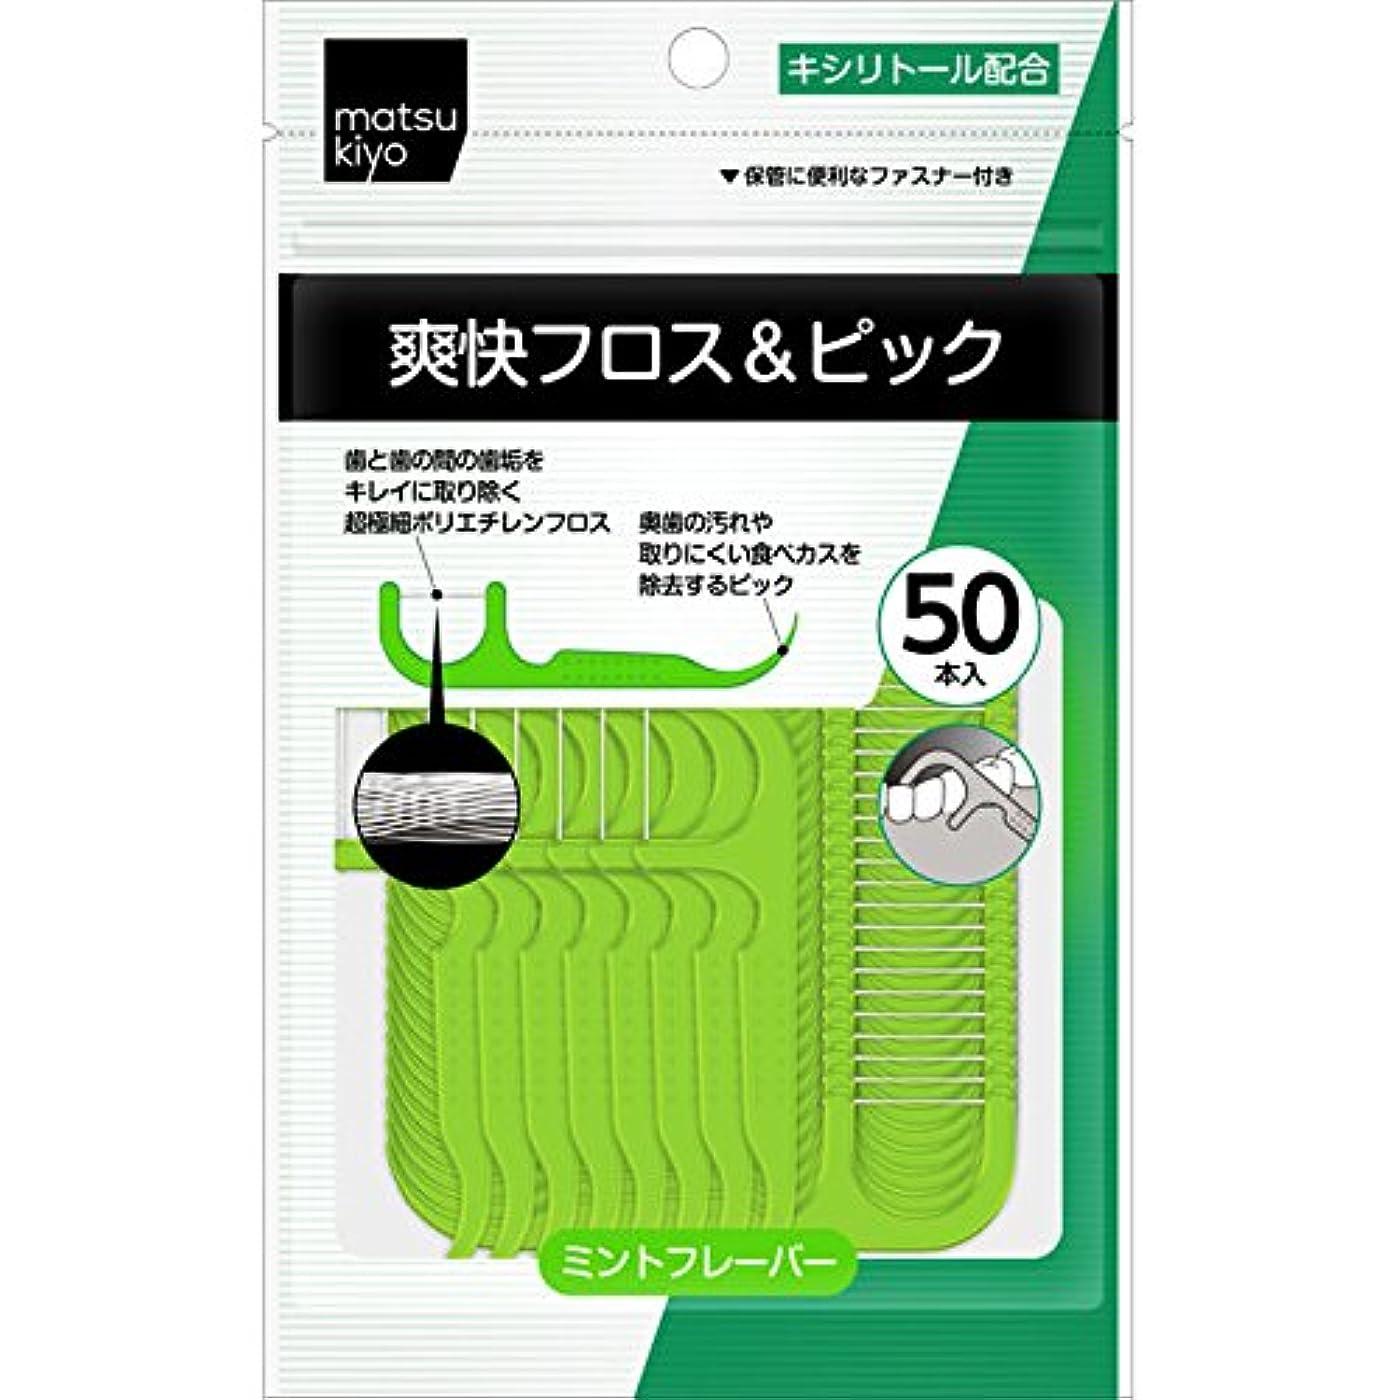 熟読する有毒な地雷原matsukiyo 爽快フロス&ピック 50本